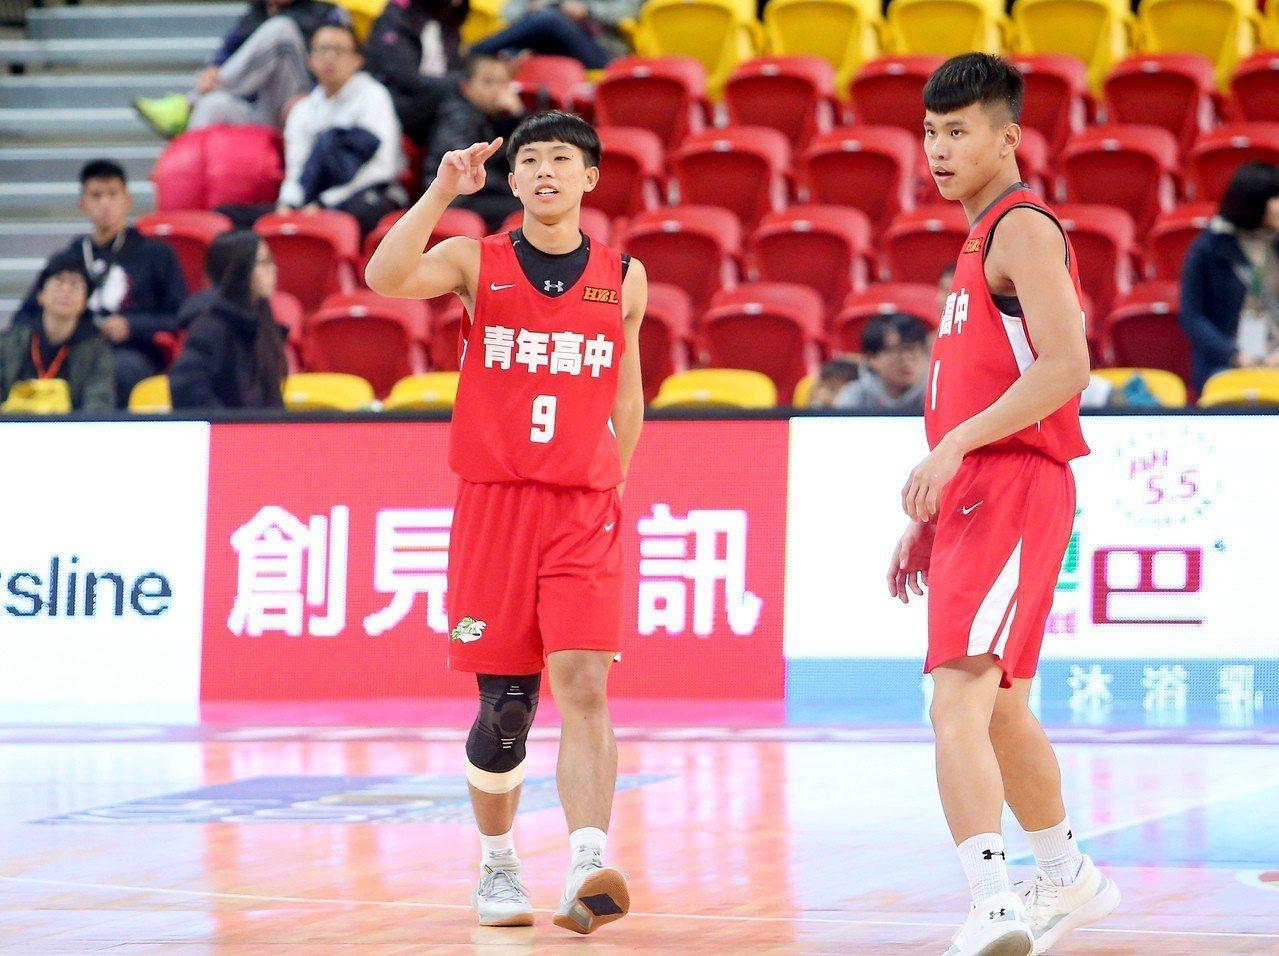 吳鈺堂(左)8強賽第2天就傷到右膝,休息2天才再度回到戰場。記者余承翰/攝影